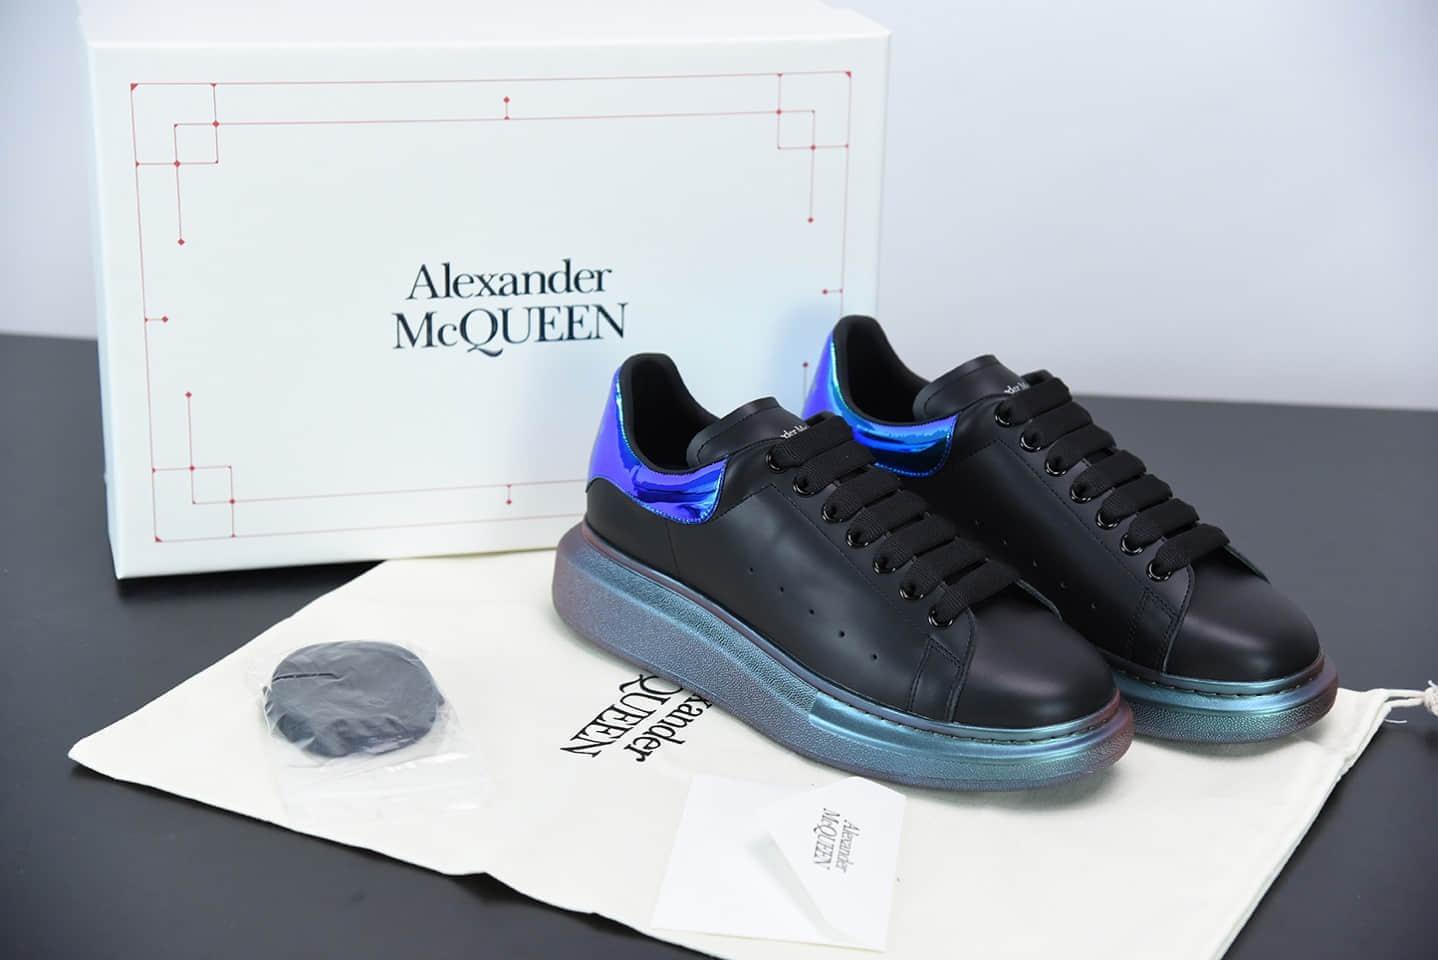 麦昆Alexander McQueen 2020早春款系列变色龙蓝尾松糕鞋纯原版本